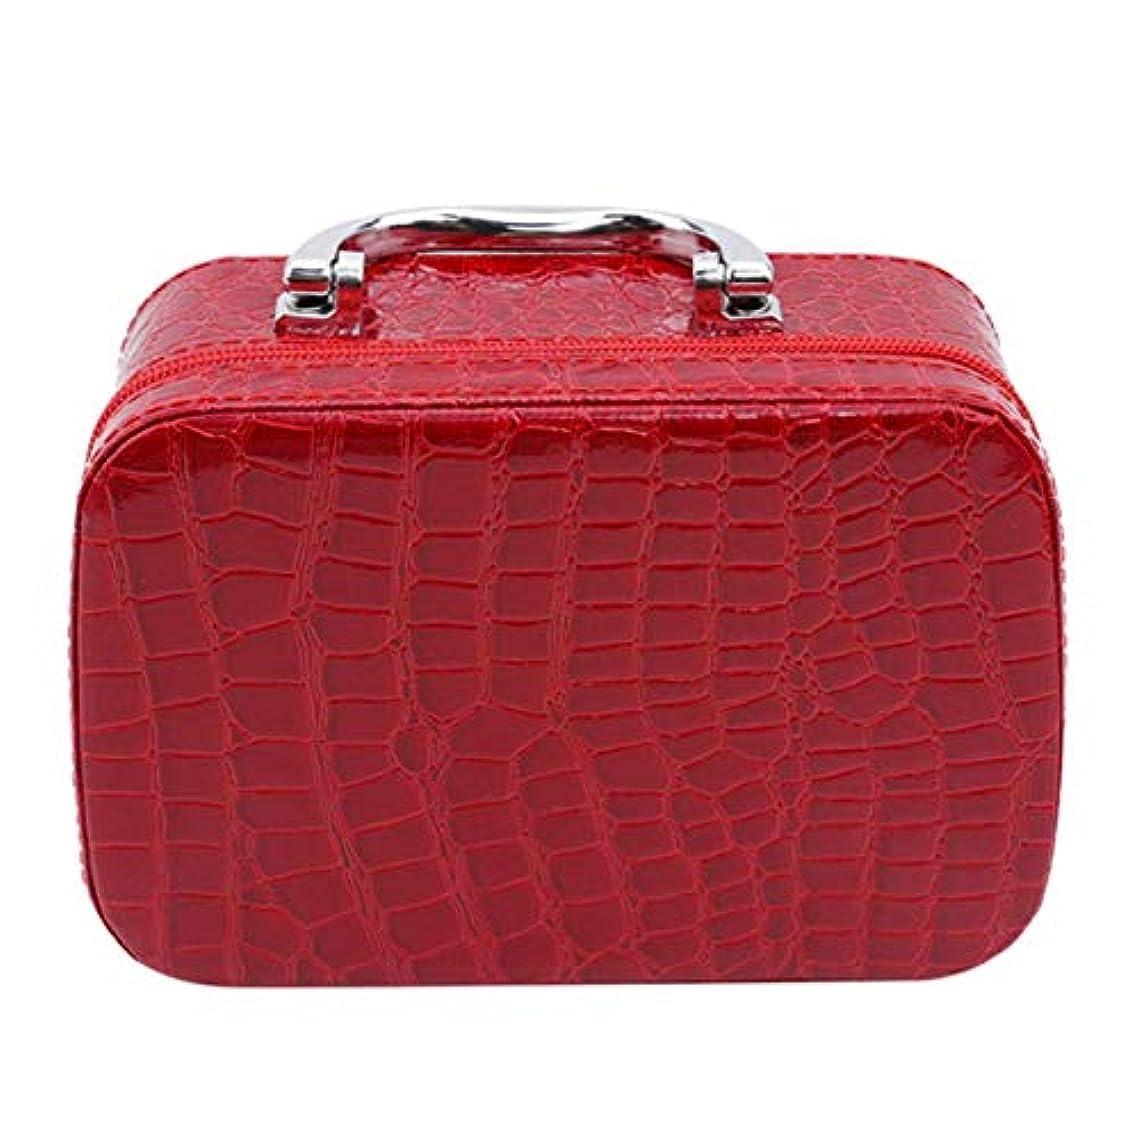 軍麻痺させる新しい意味1st market ミラーが付いている優れた旅行携帯用化粧品袋のオルガナイザーの女性の化粧品の箱